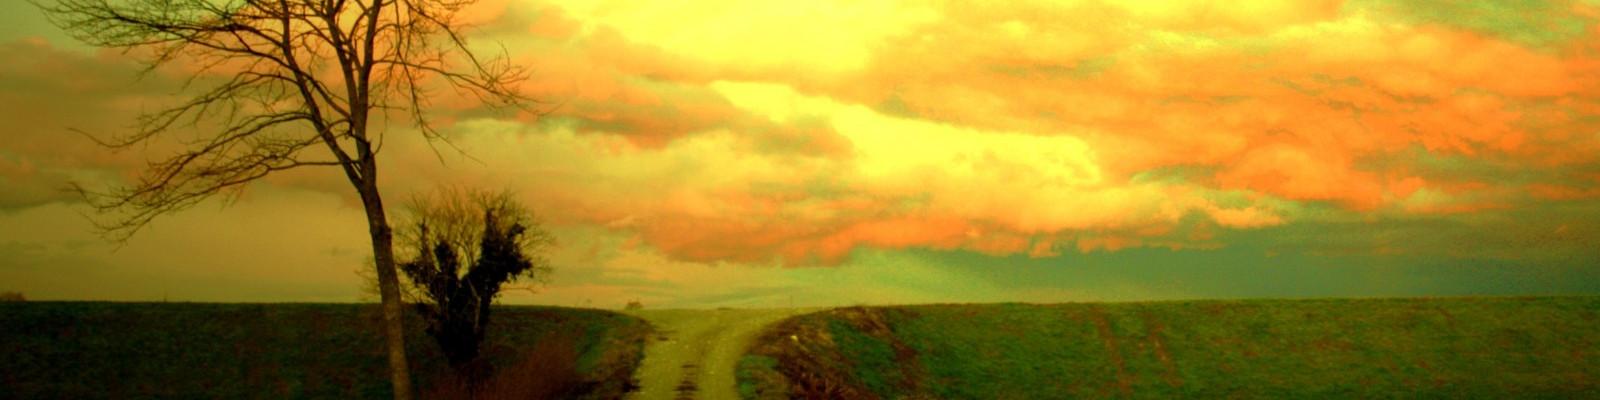 Amanecer, árbol y camino